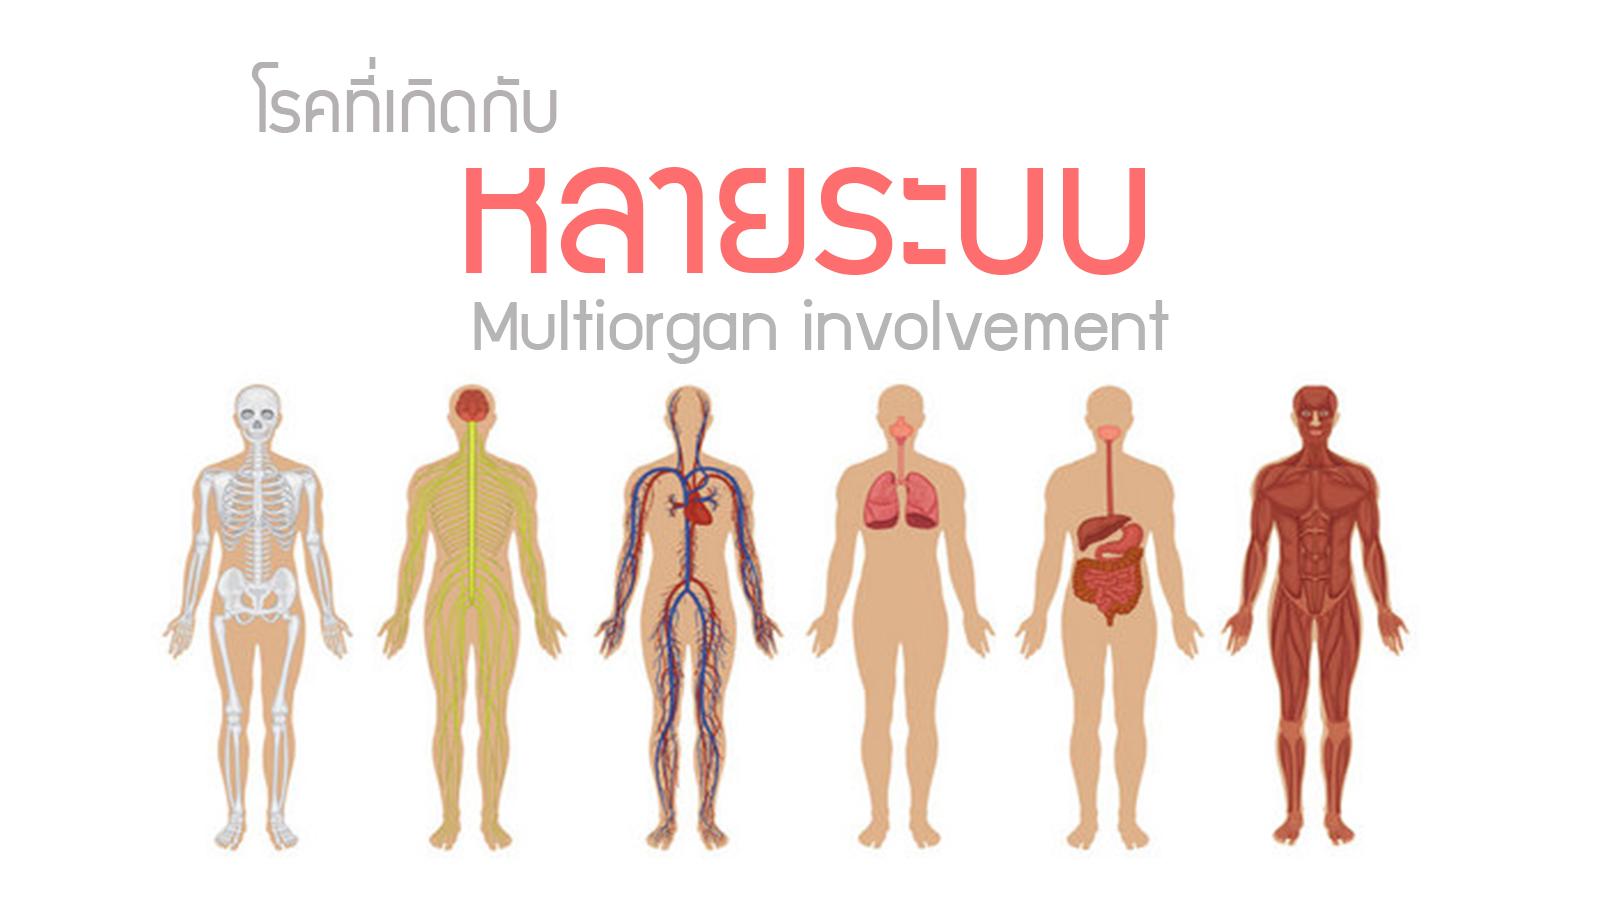 โรคที่เกิดกับหลายระบบในร่างกาย